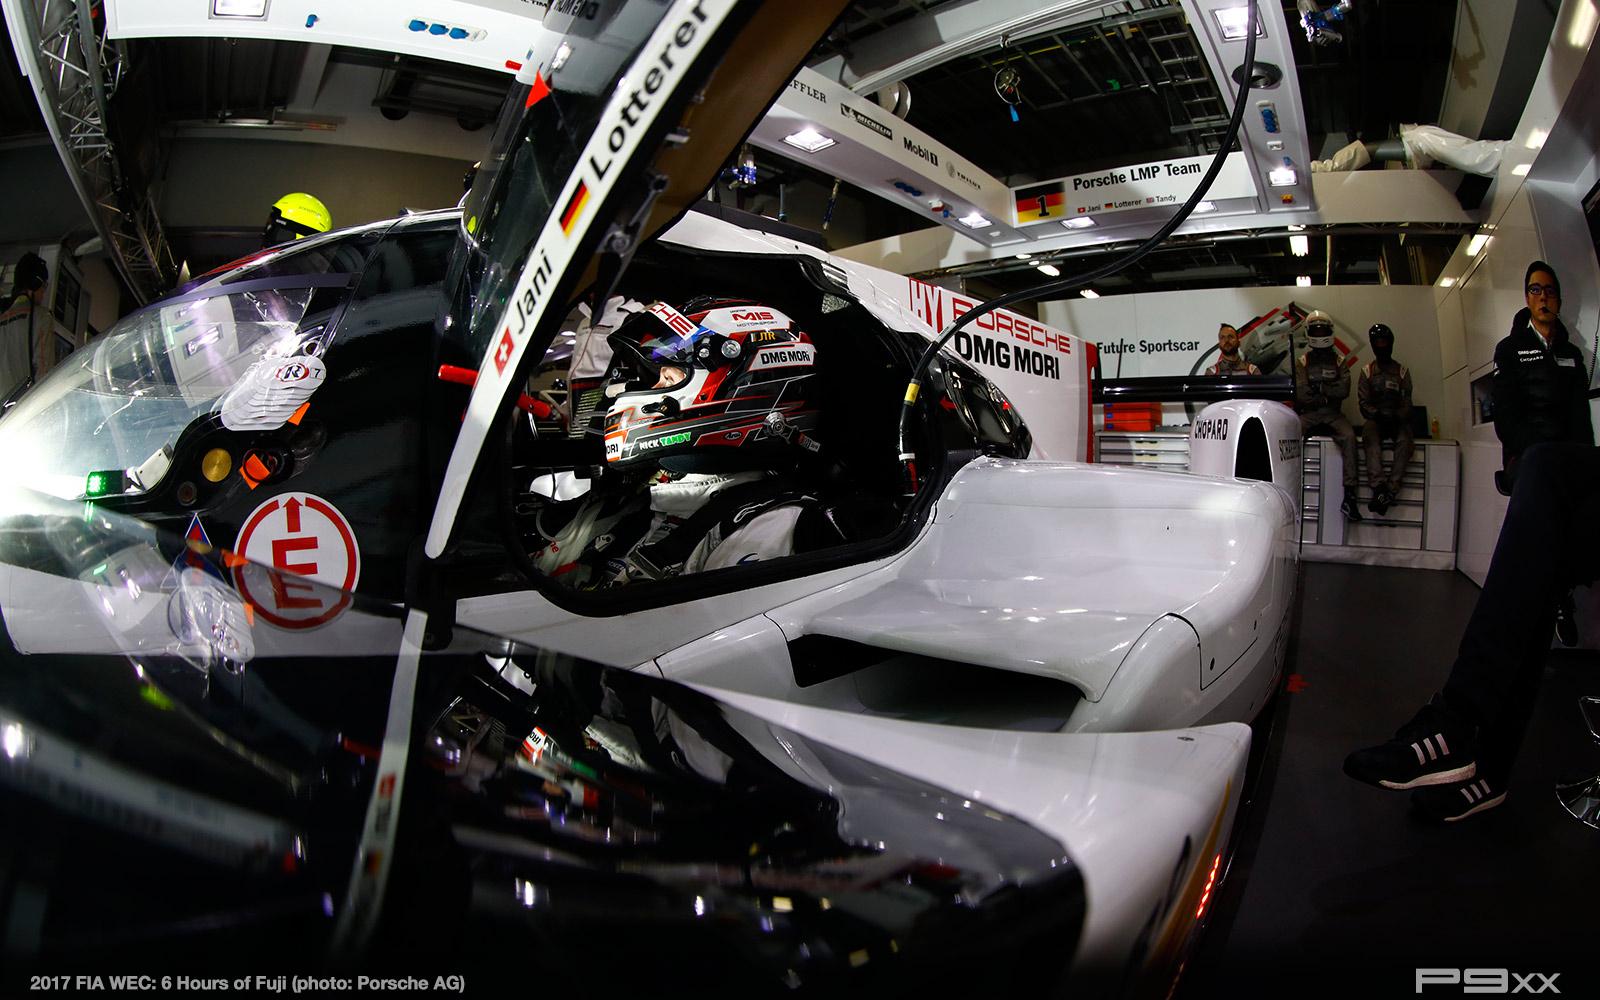 2017-FIA-WEC-6h-of-Fuji-Porsche-416